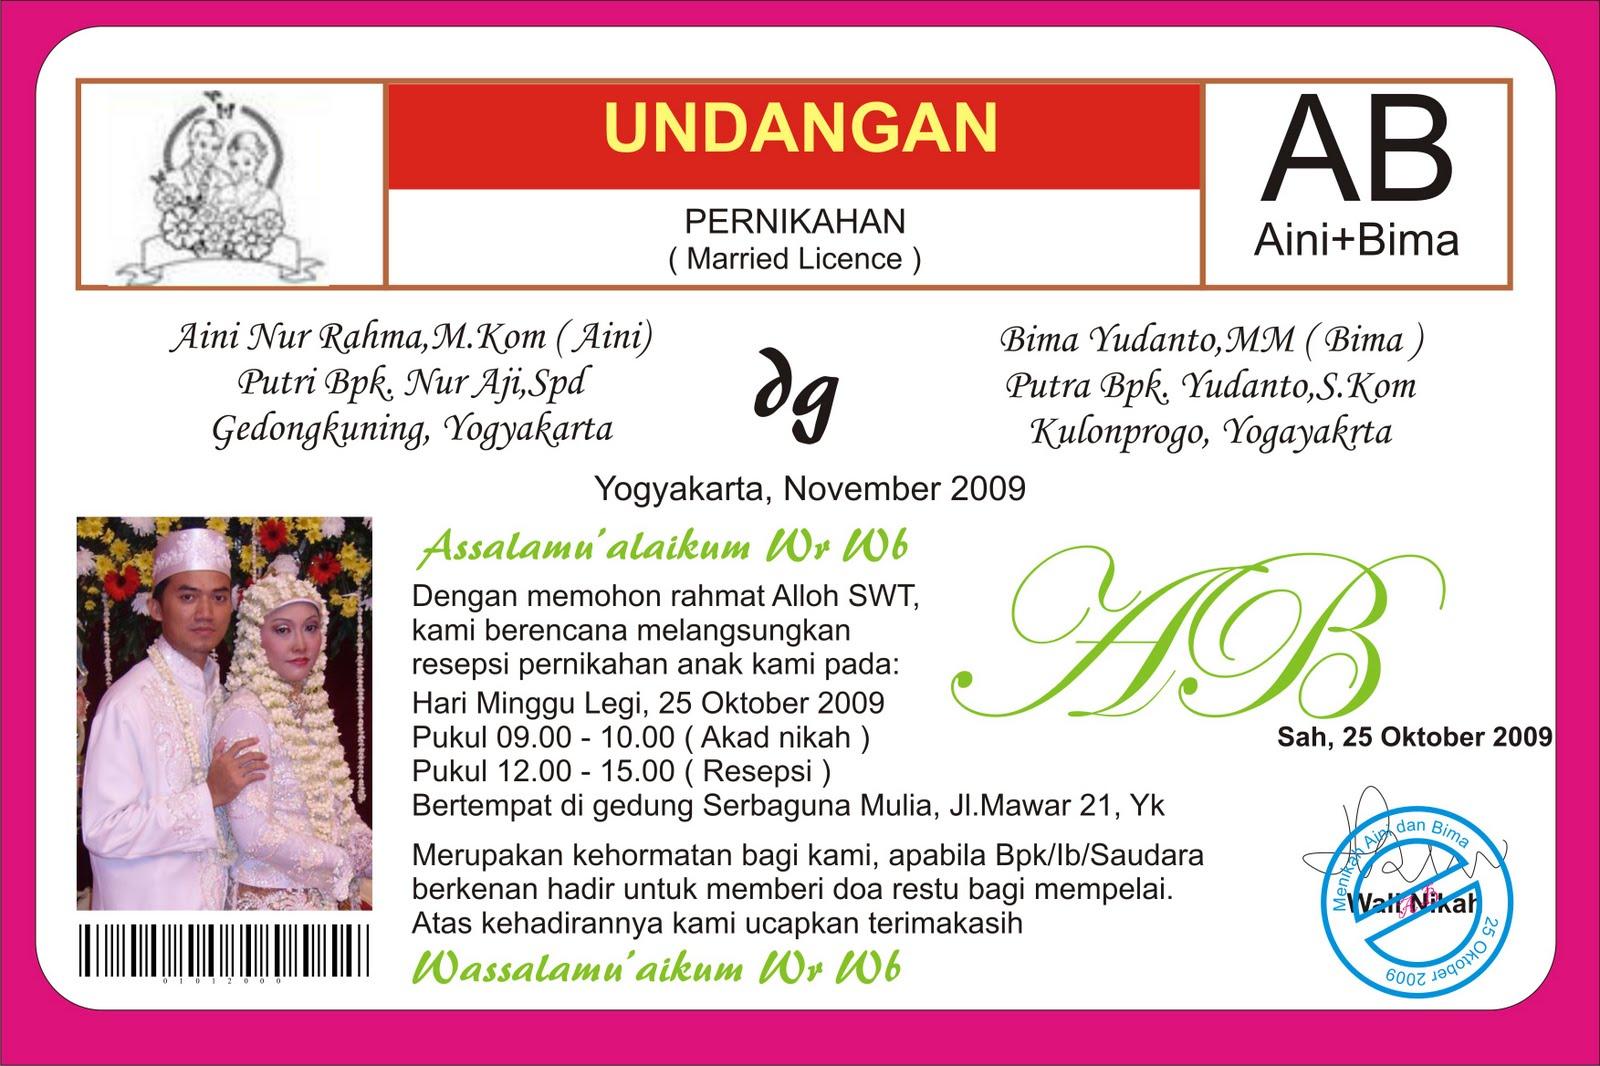 http://4.bp.blogspot.com/-SvxTfX7eYo8/TdaoF1W7NlI/AAAAAAAAA18/X8WliBUH9aU/s1600/kartu+undangan+pernikahan.jpg